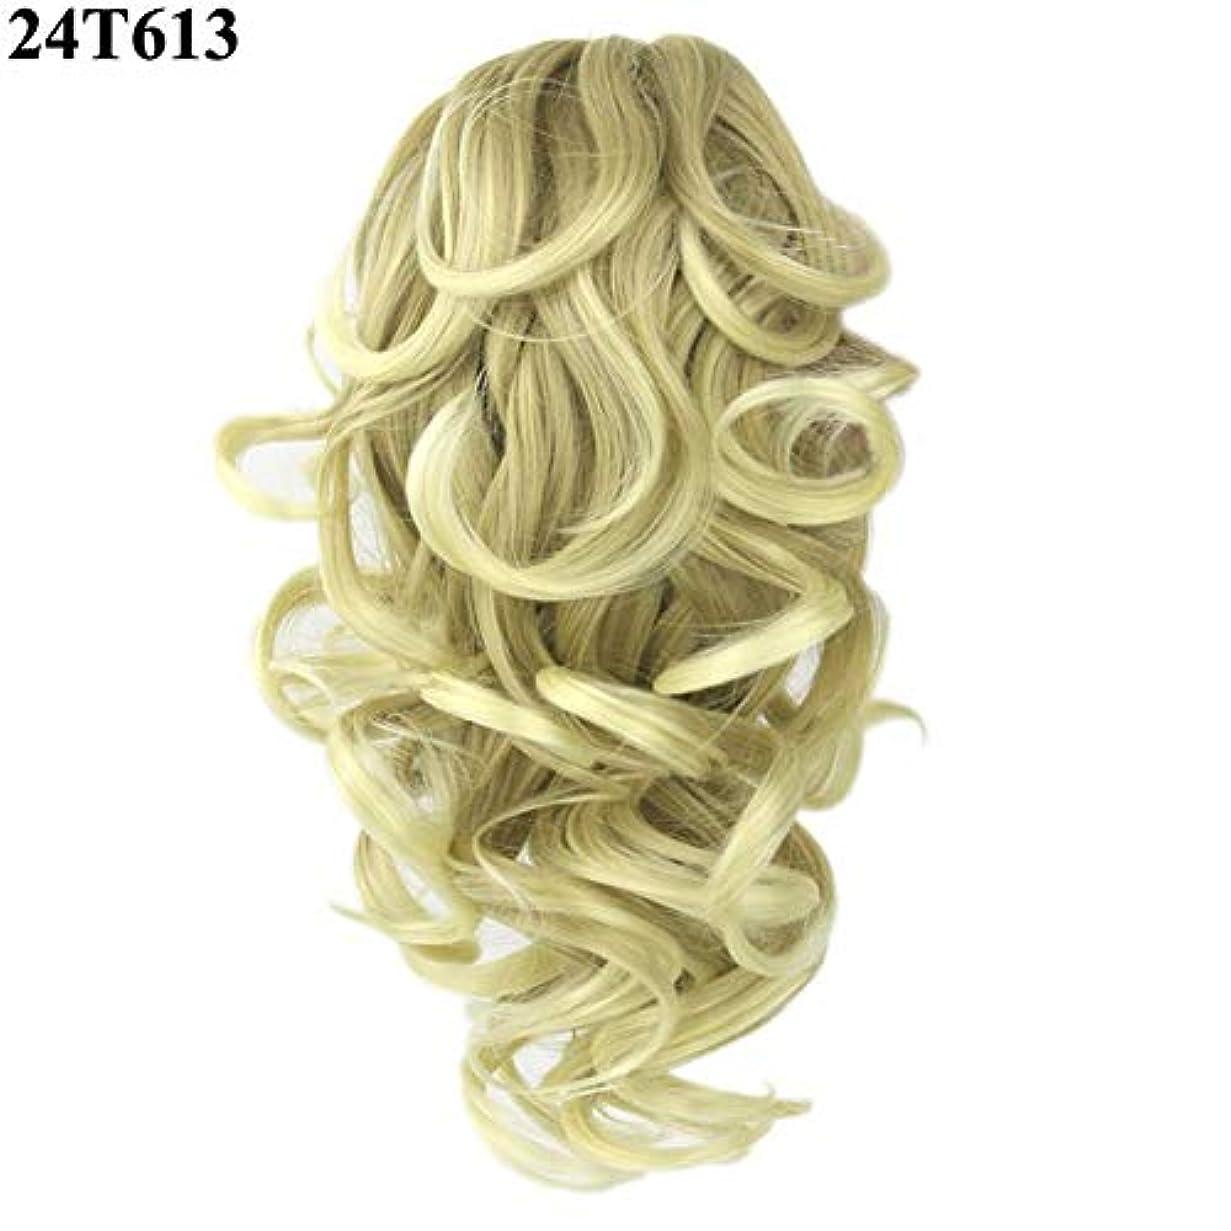 虫を数えるしない保守可能slQinjiansav女性ウィッグ修理ツール女性長波状カーリーポニーテールウィッグ合成繊維髪の耐熱ヘアピース